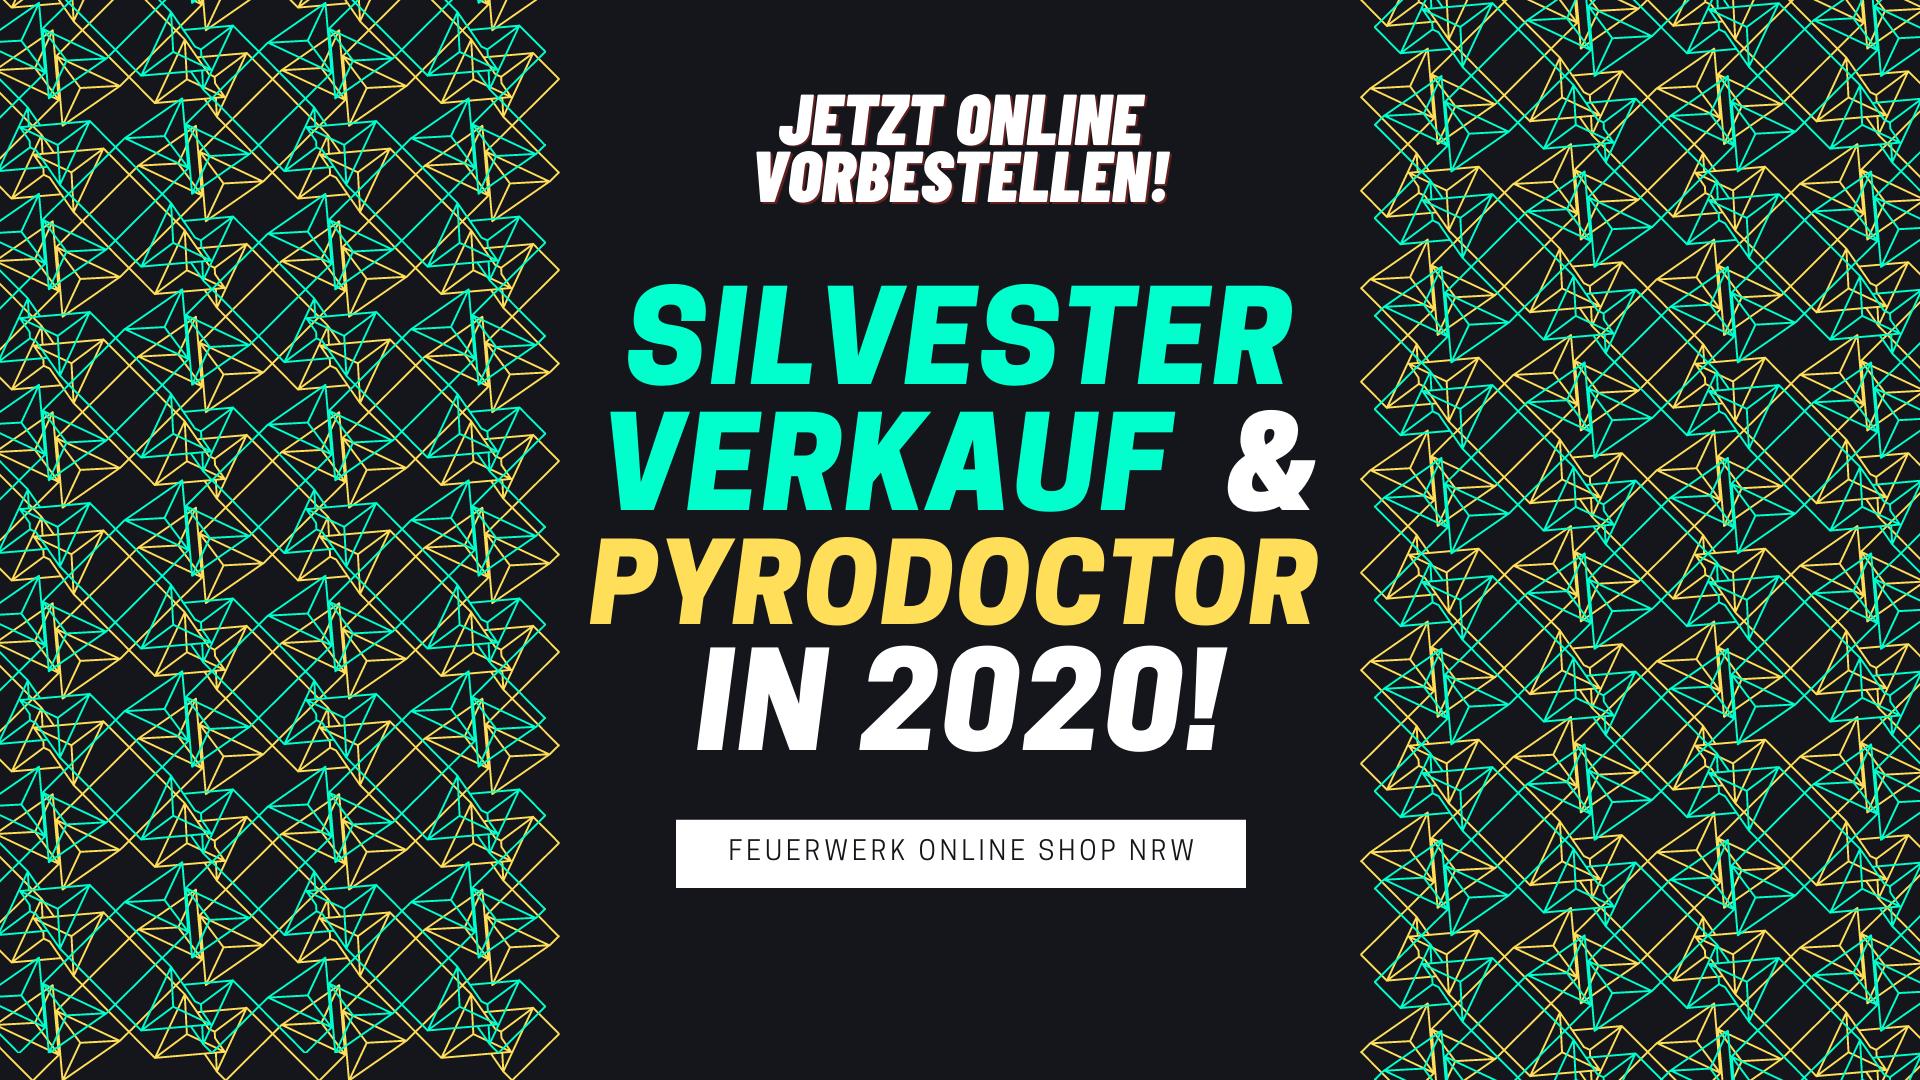 Feuerwerk online vorbestellen & abholen in NRW 2020 - Pyrodoctor Silvesterverkauf